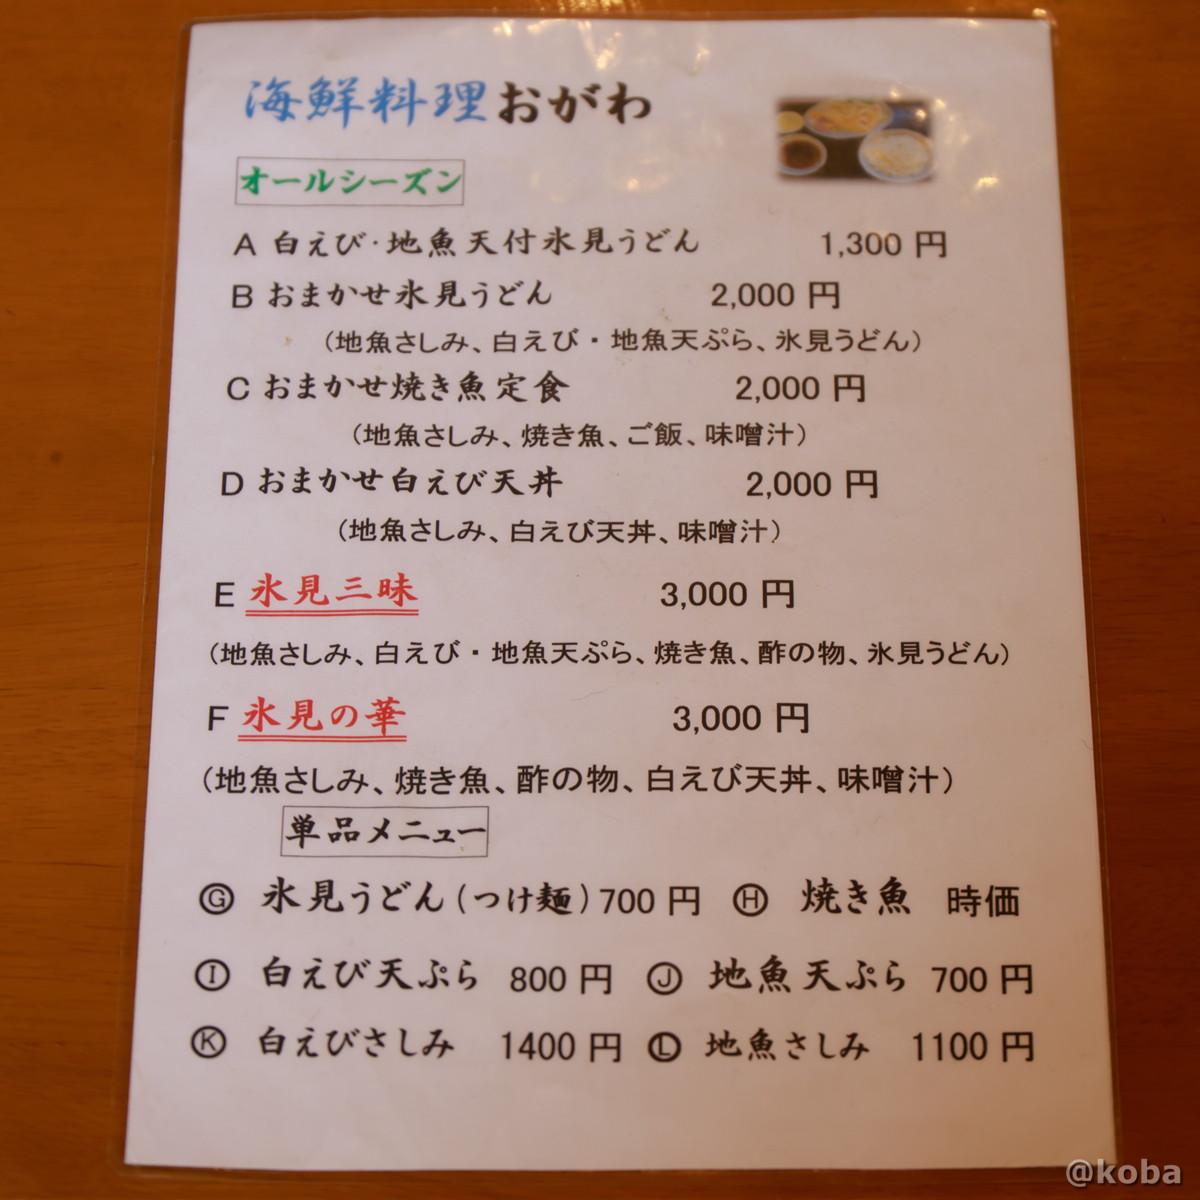 14_toyama_ogawa_japanese food_kobaphotoblog